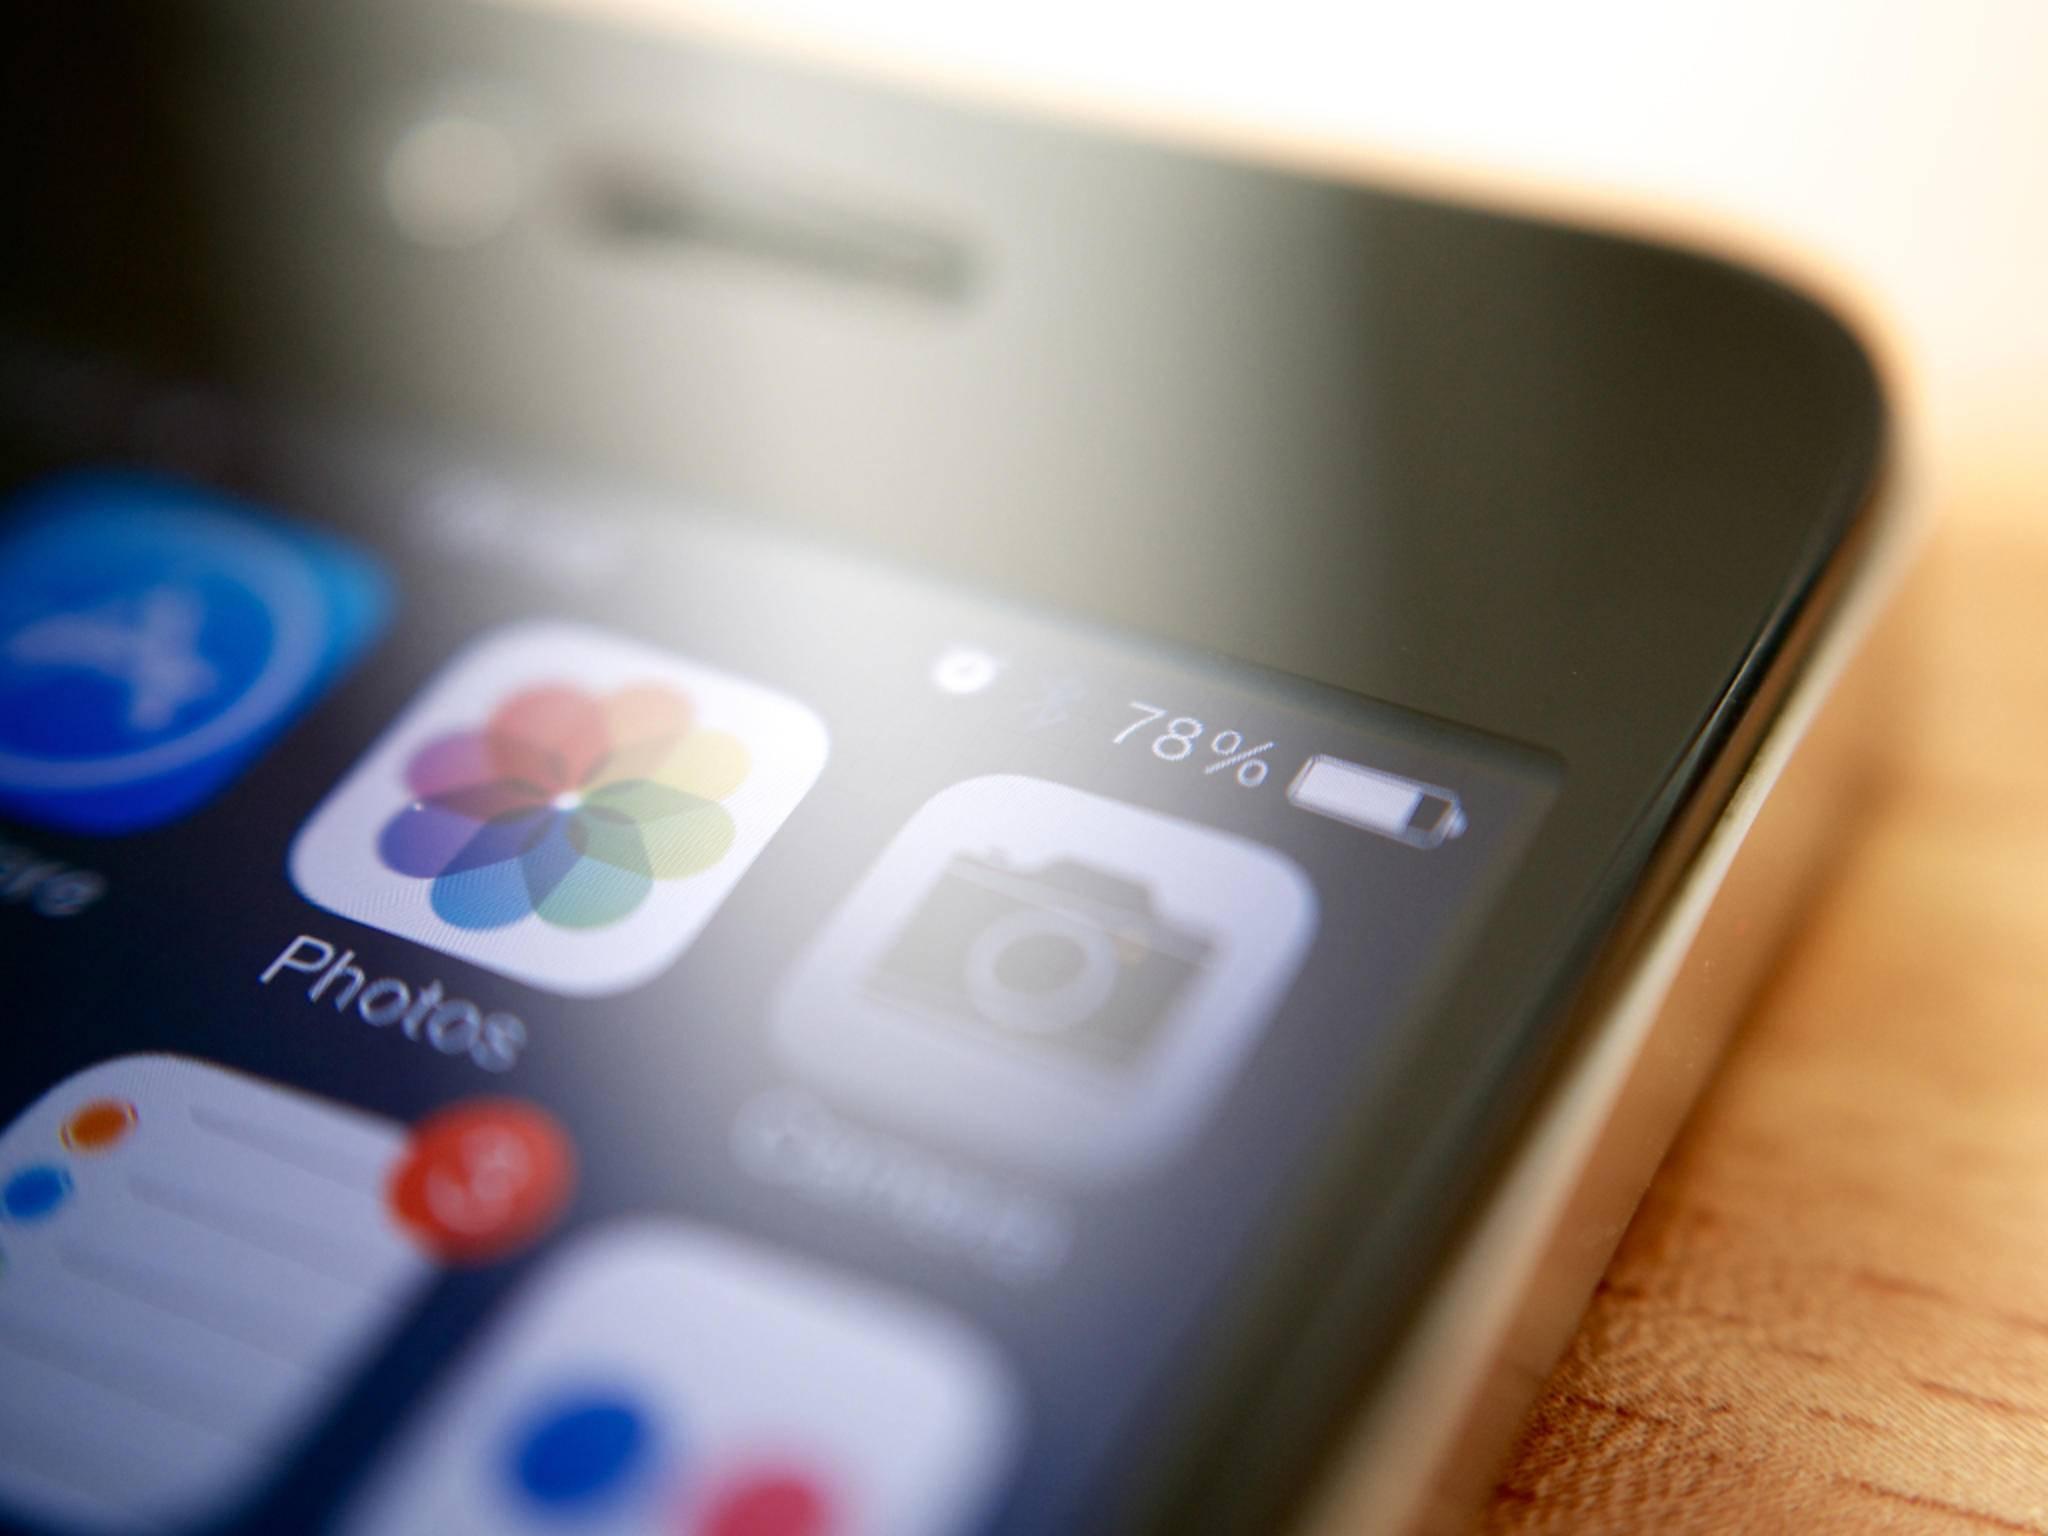 Bei manchen iPhone 6s-Usern verharrt die Prozentanzeige bei dem gleichen Wert.